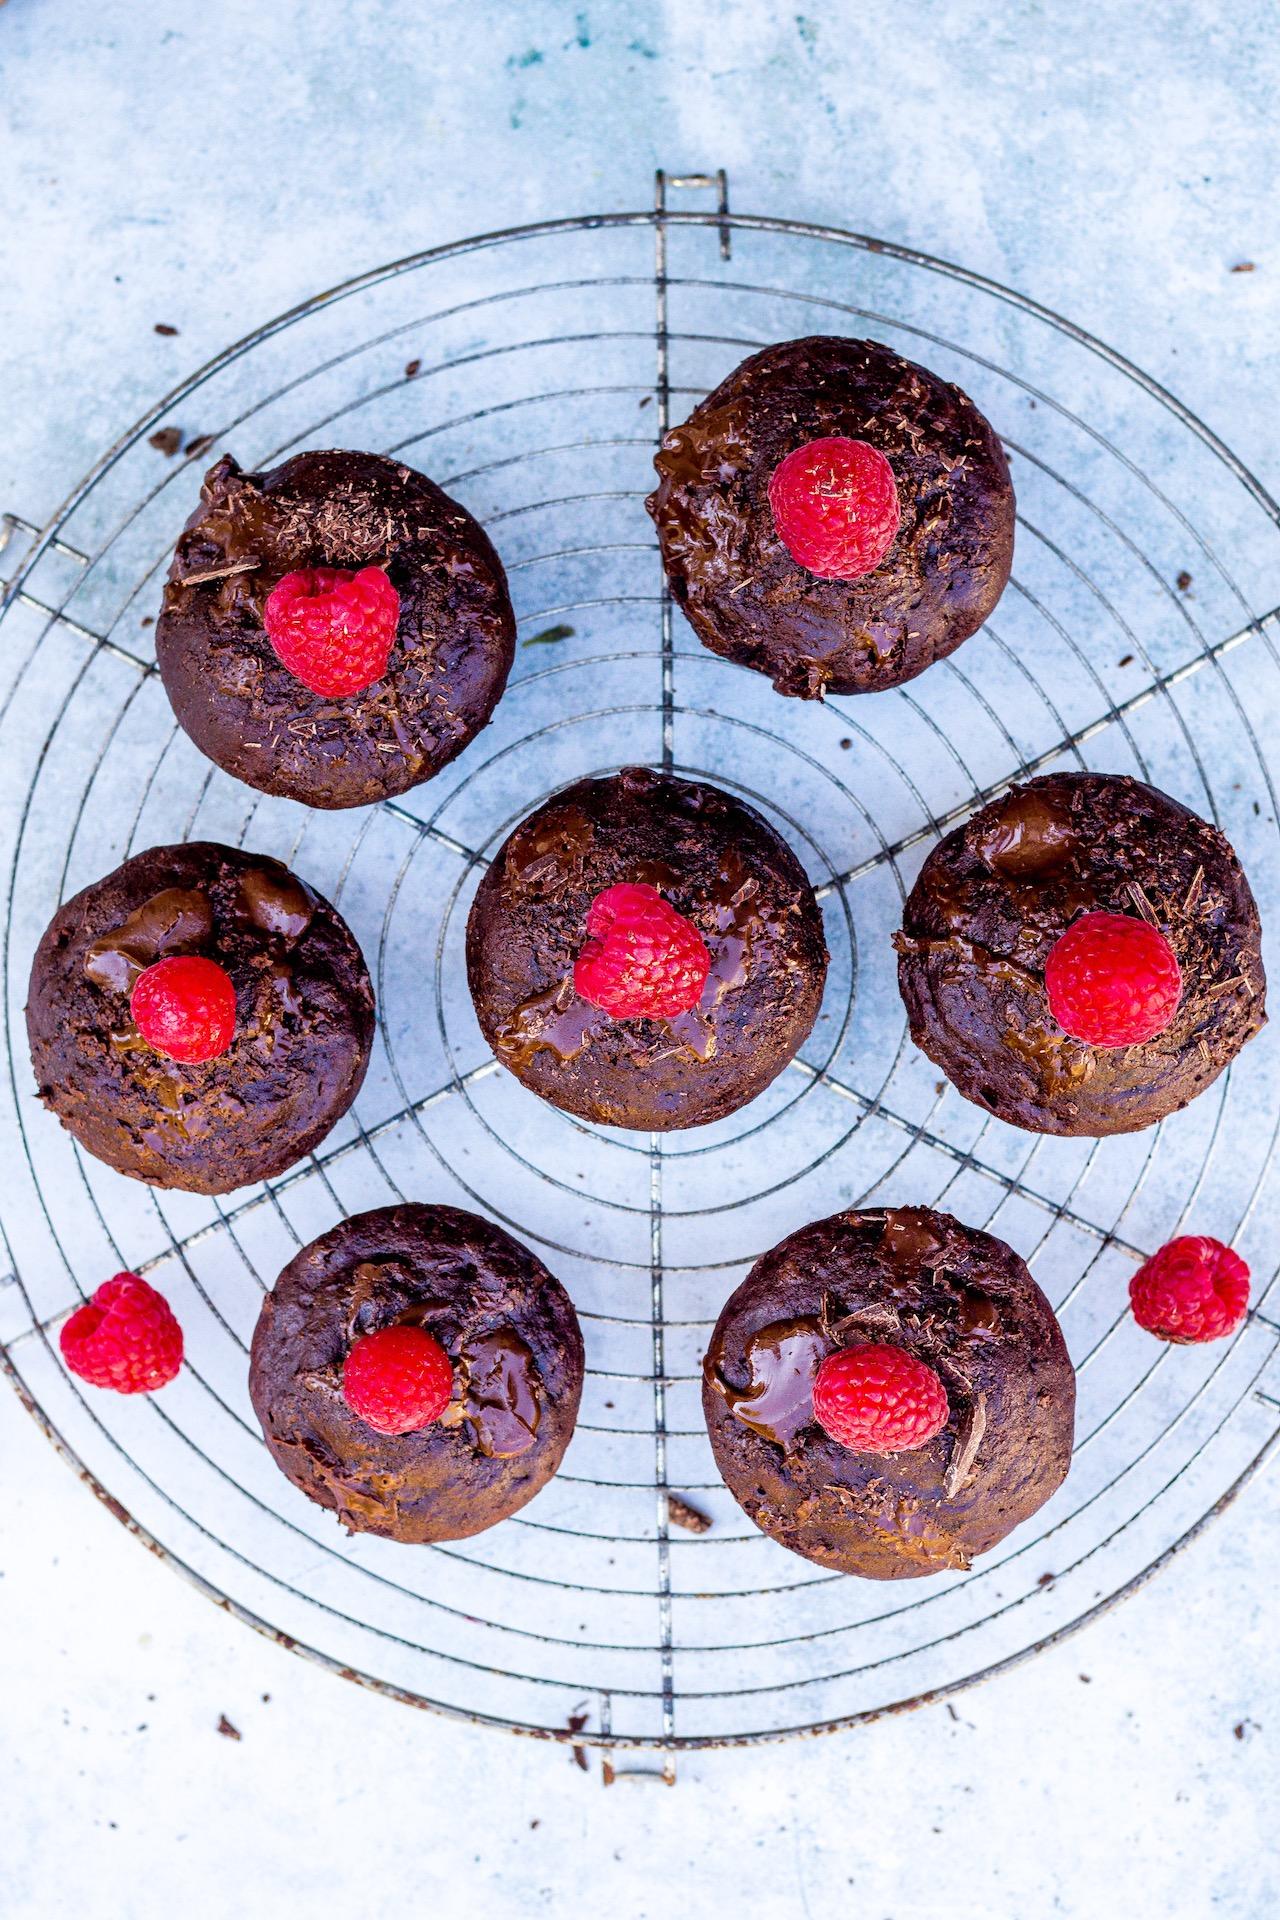 Vegane Schokoladen-Bananen-Muffins. Kinderleicht und super lecker! #vegan #schokolade #backen #banane